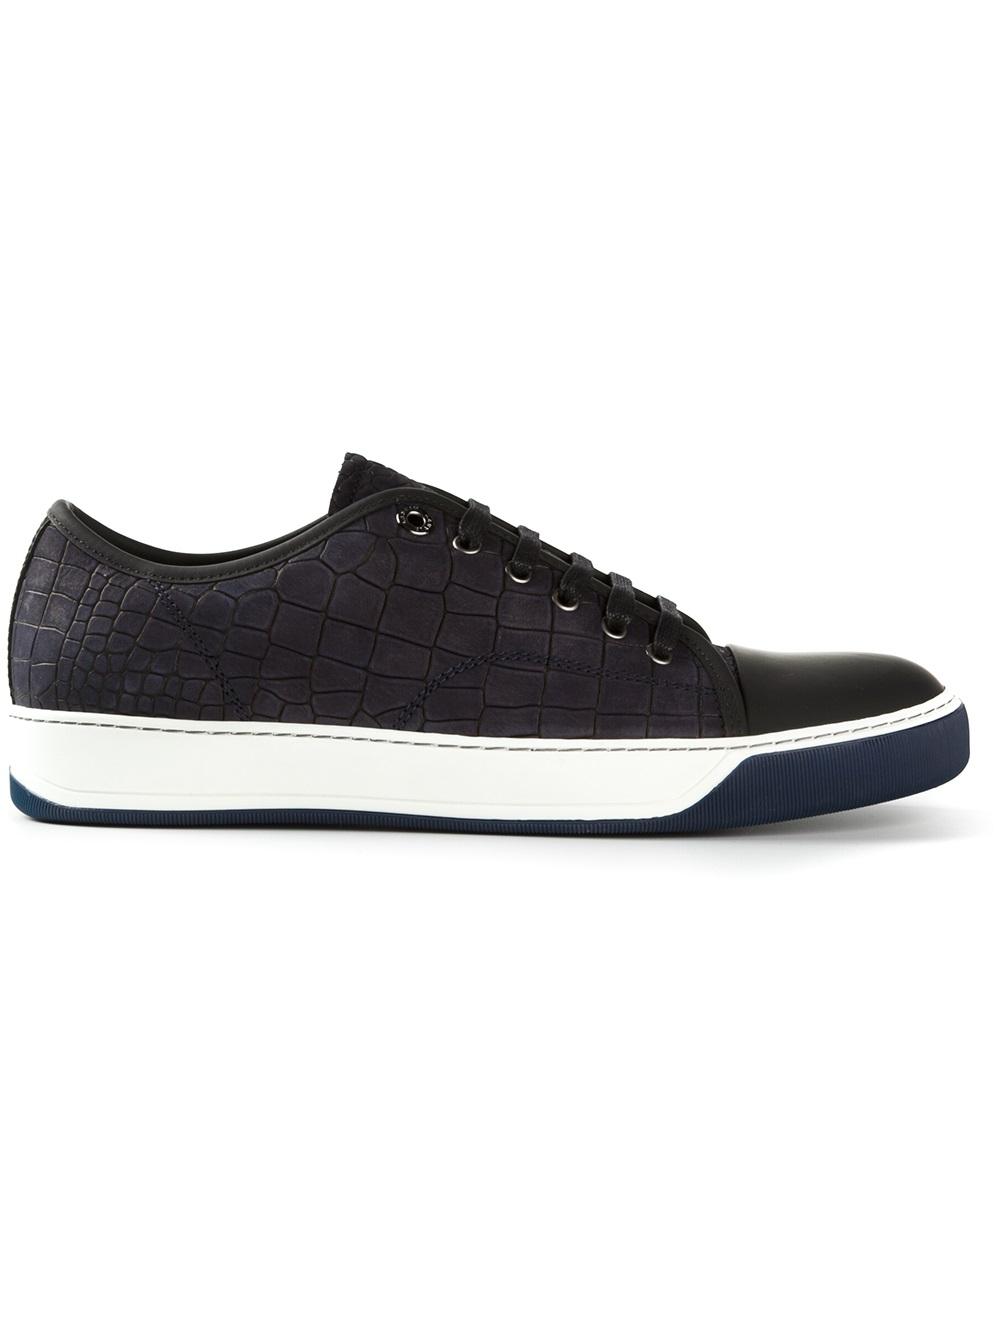 Buy Lanvin Shoes